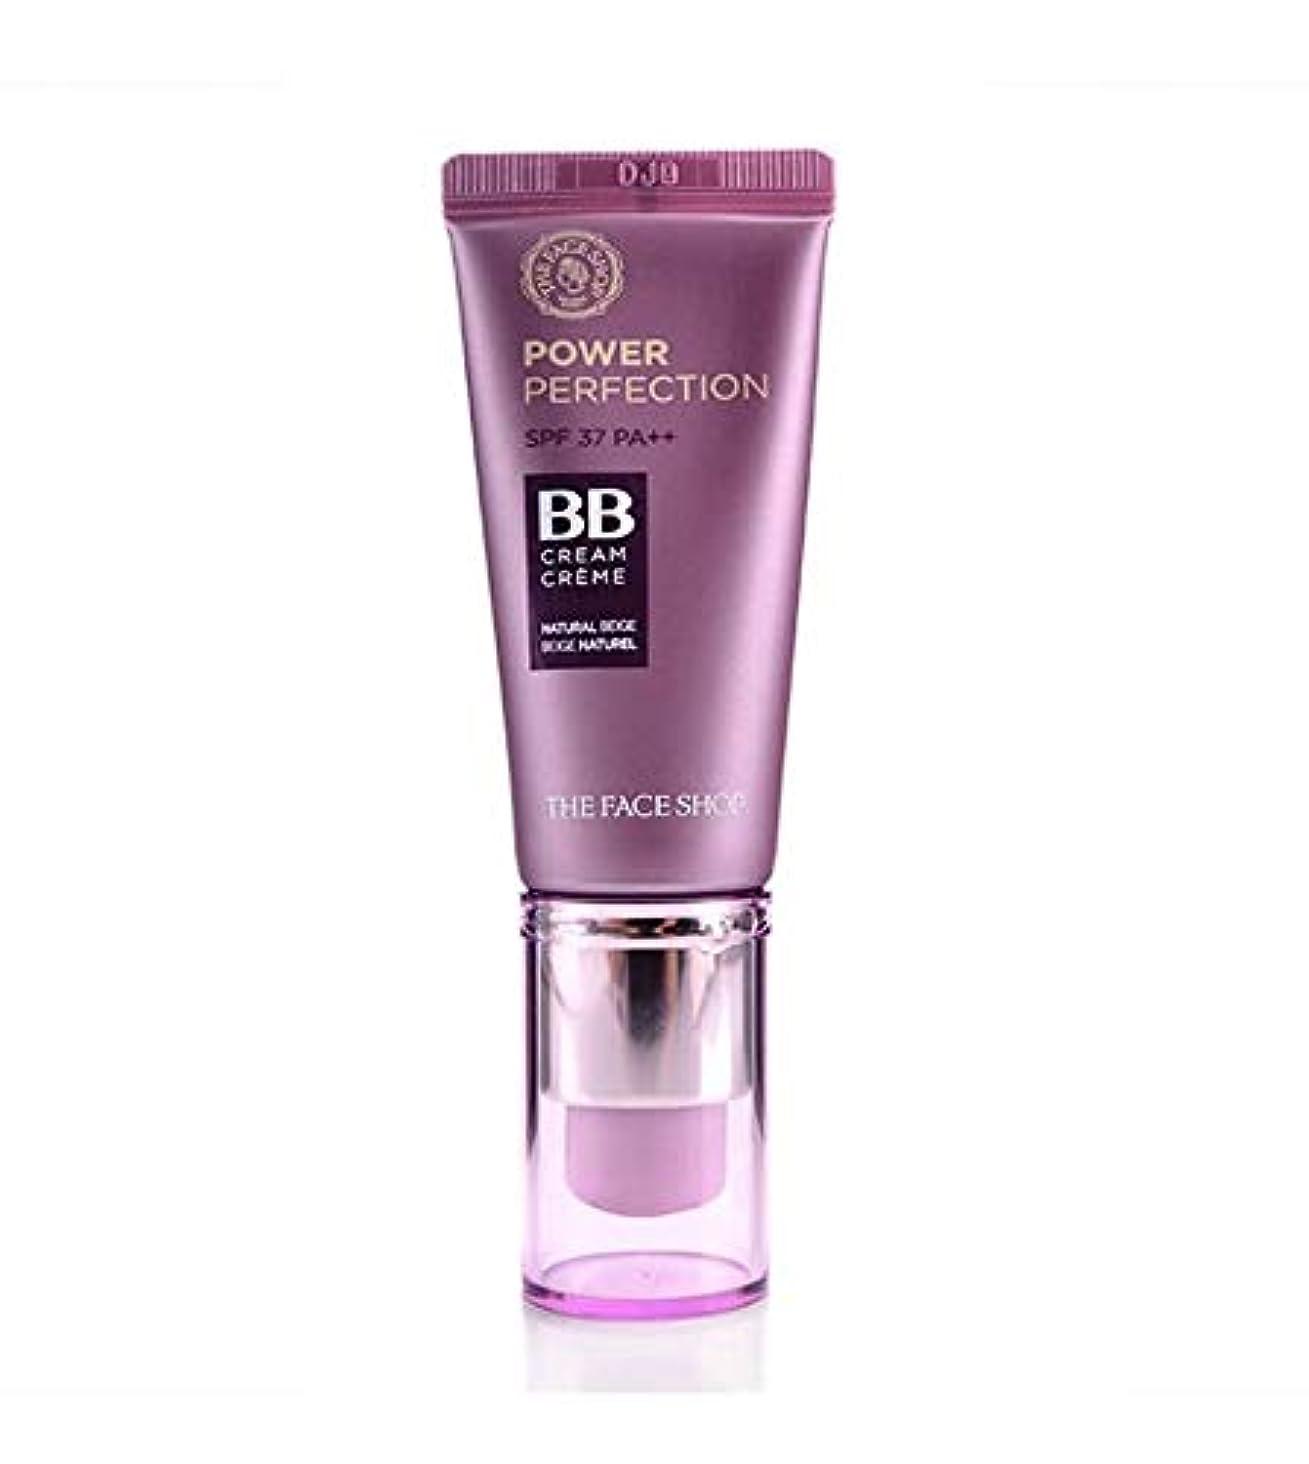 クルー聖書故障The Face ShopザフェイスショップパワーパーフェクションBBクリームSPF37 PA ++ 20g韓国の有名化粧品ブランドの人気BBクリーム紫外線防止効果シミ防止シワ防止水分補給